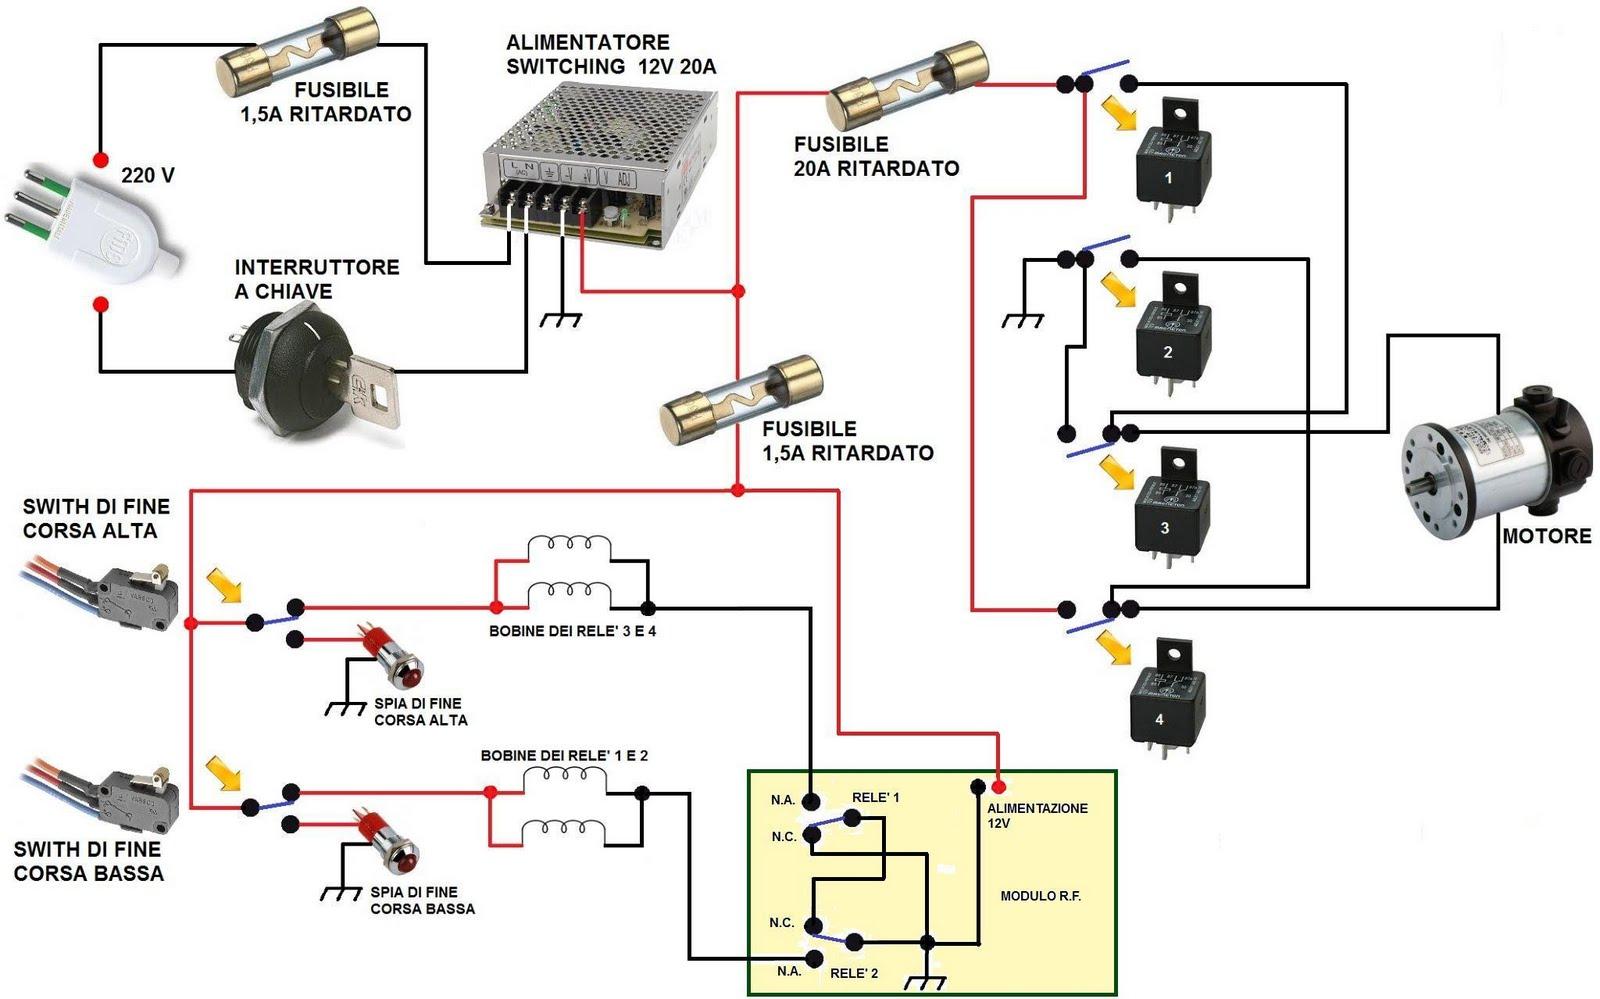 Schema Elettrico Jeep Cherokee Kj : Schemi elettrici per plastici ferroviari sistema di